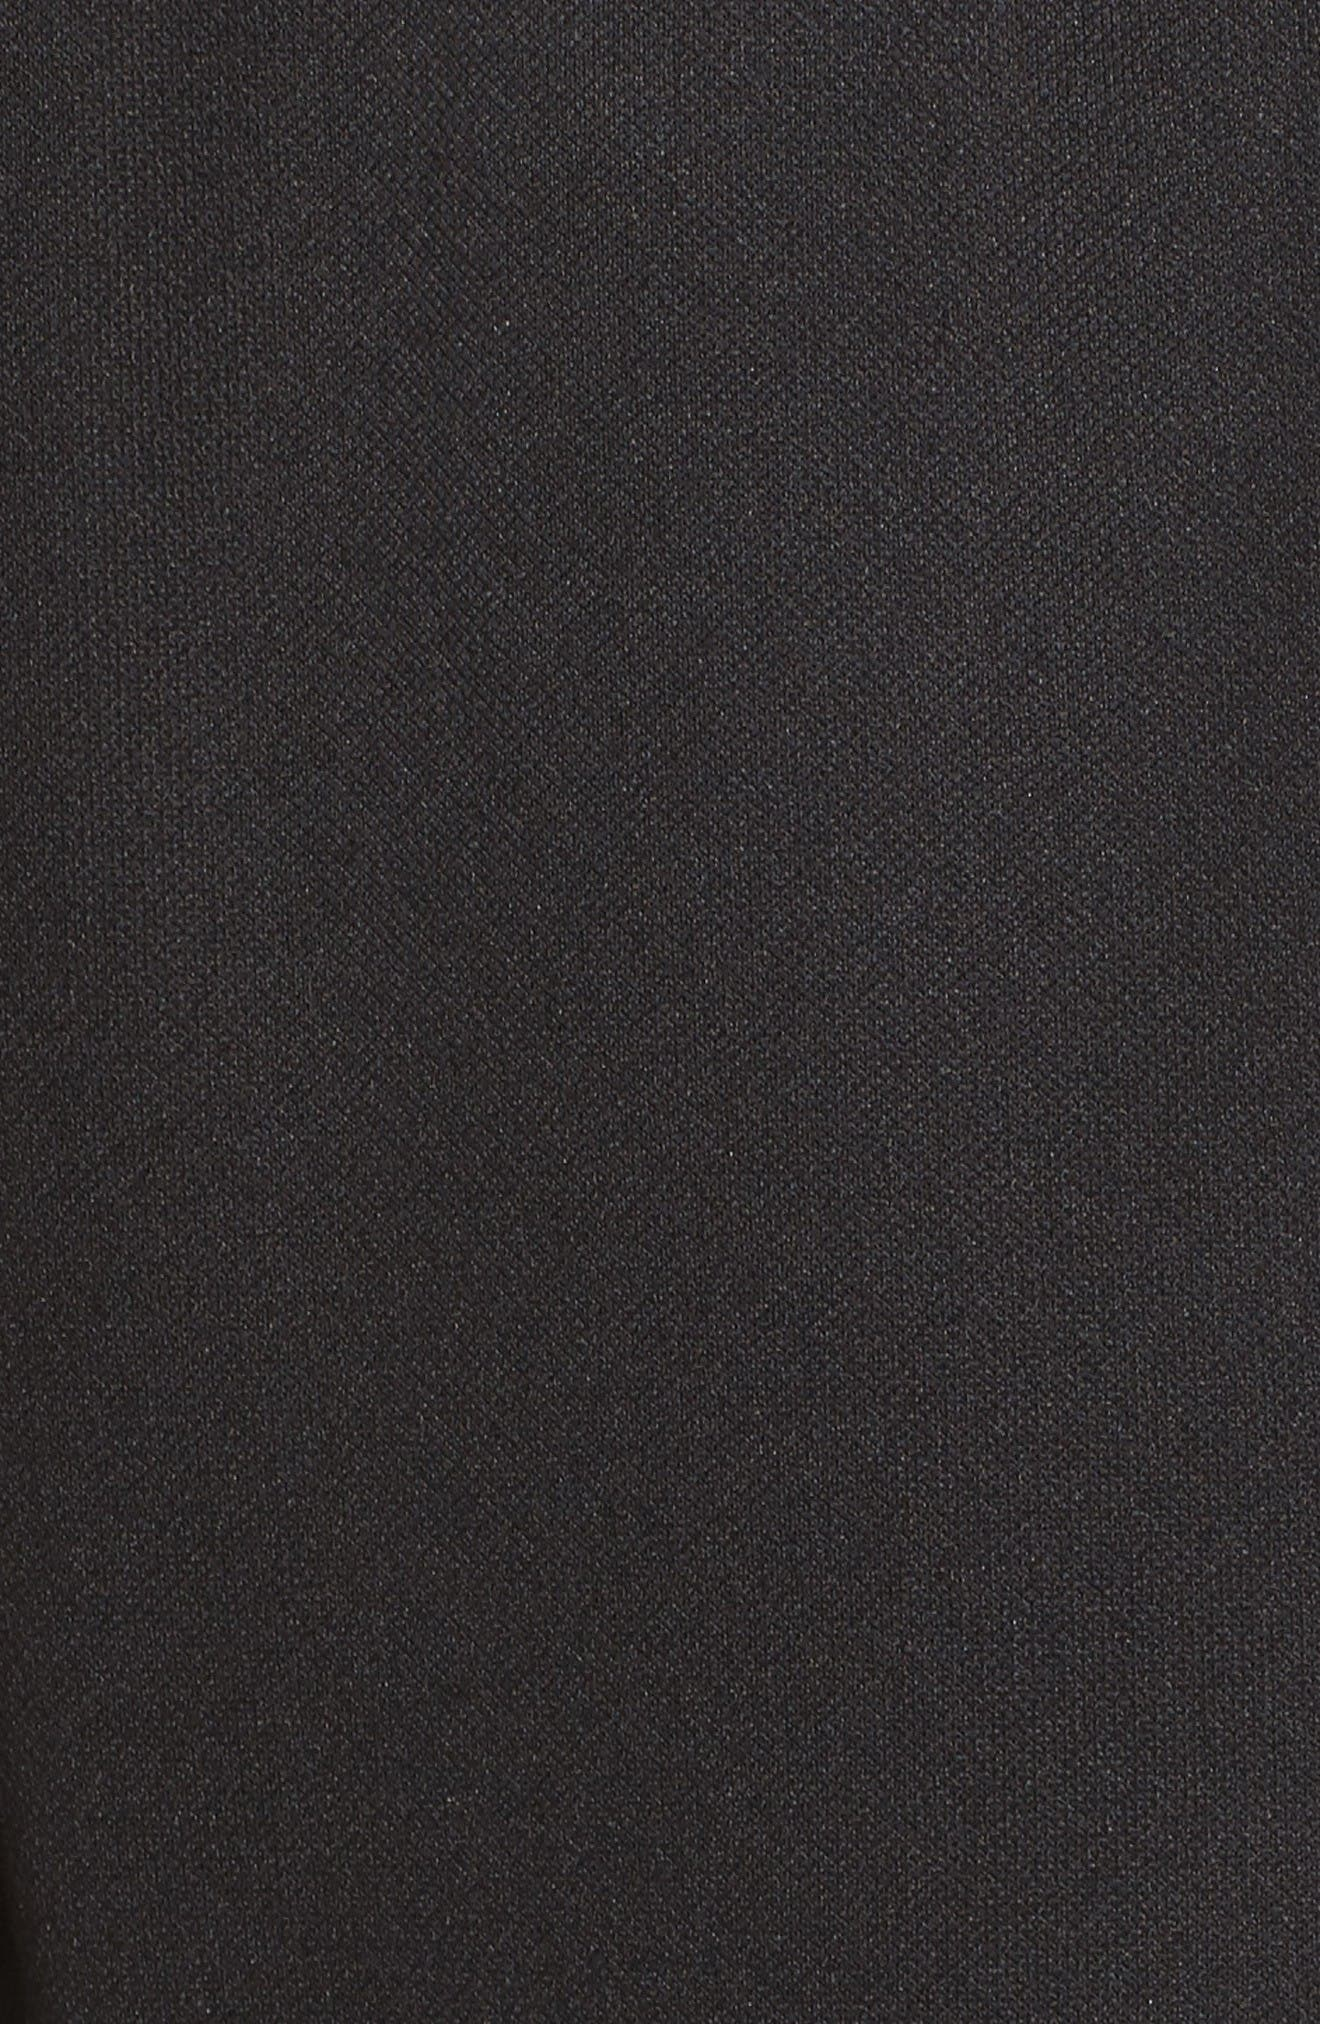 Tiro 17 Training Pants,                             Alternate thumbnail 6, color,                             Black/ White/ White